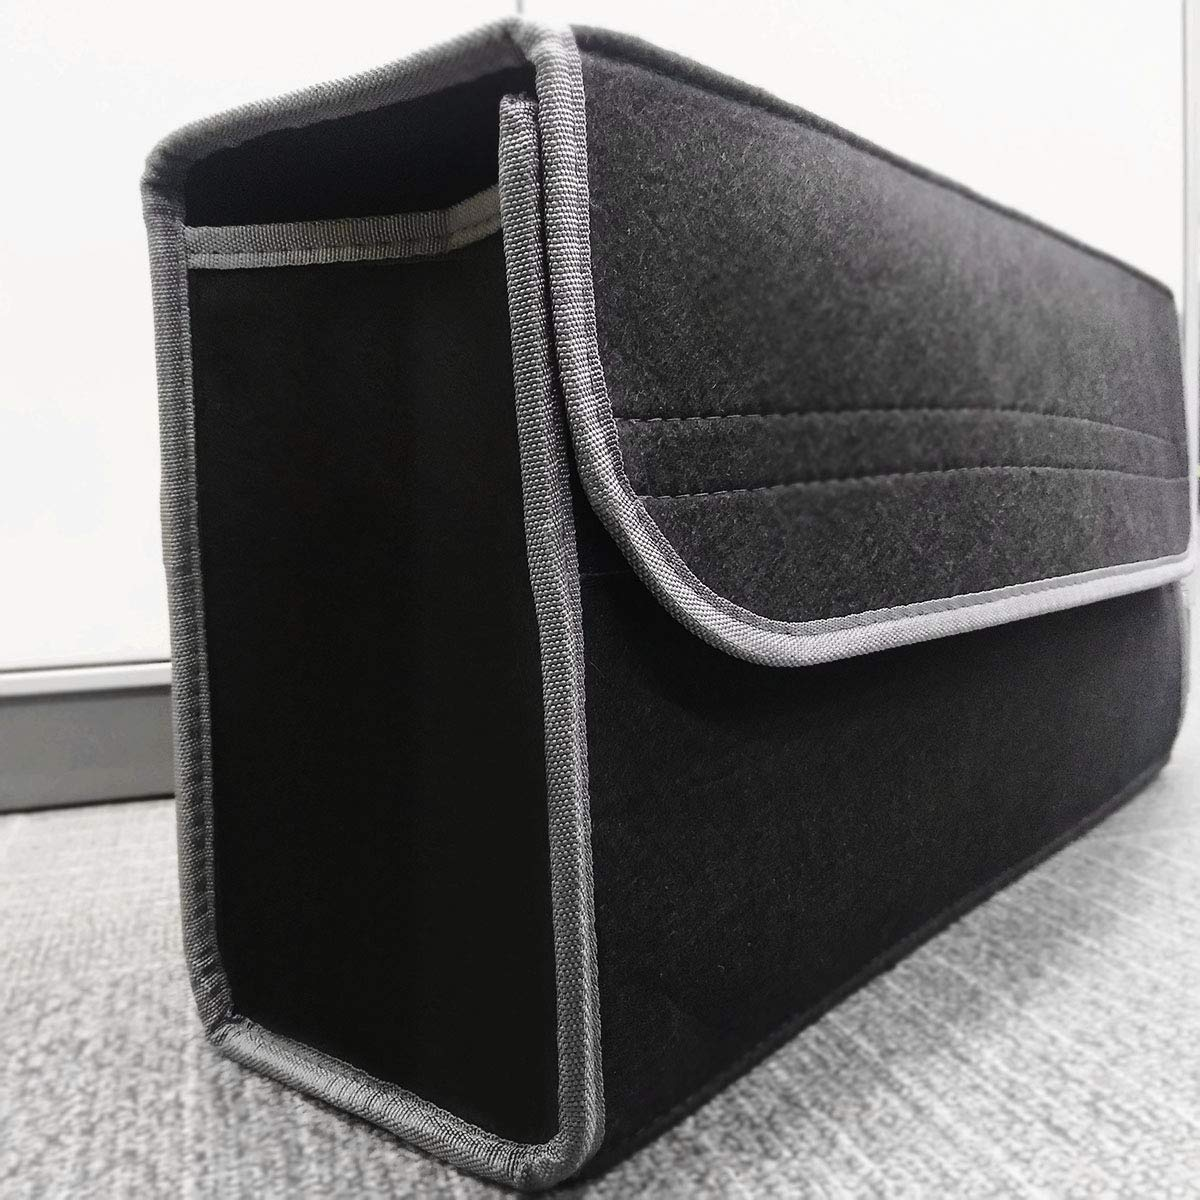 MultiWare Car Boot Storage Organiser Car Boot Tidy Bag Black